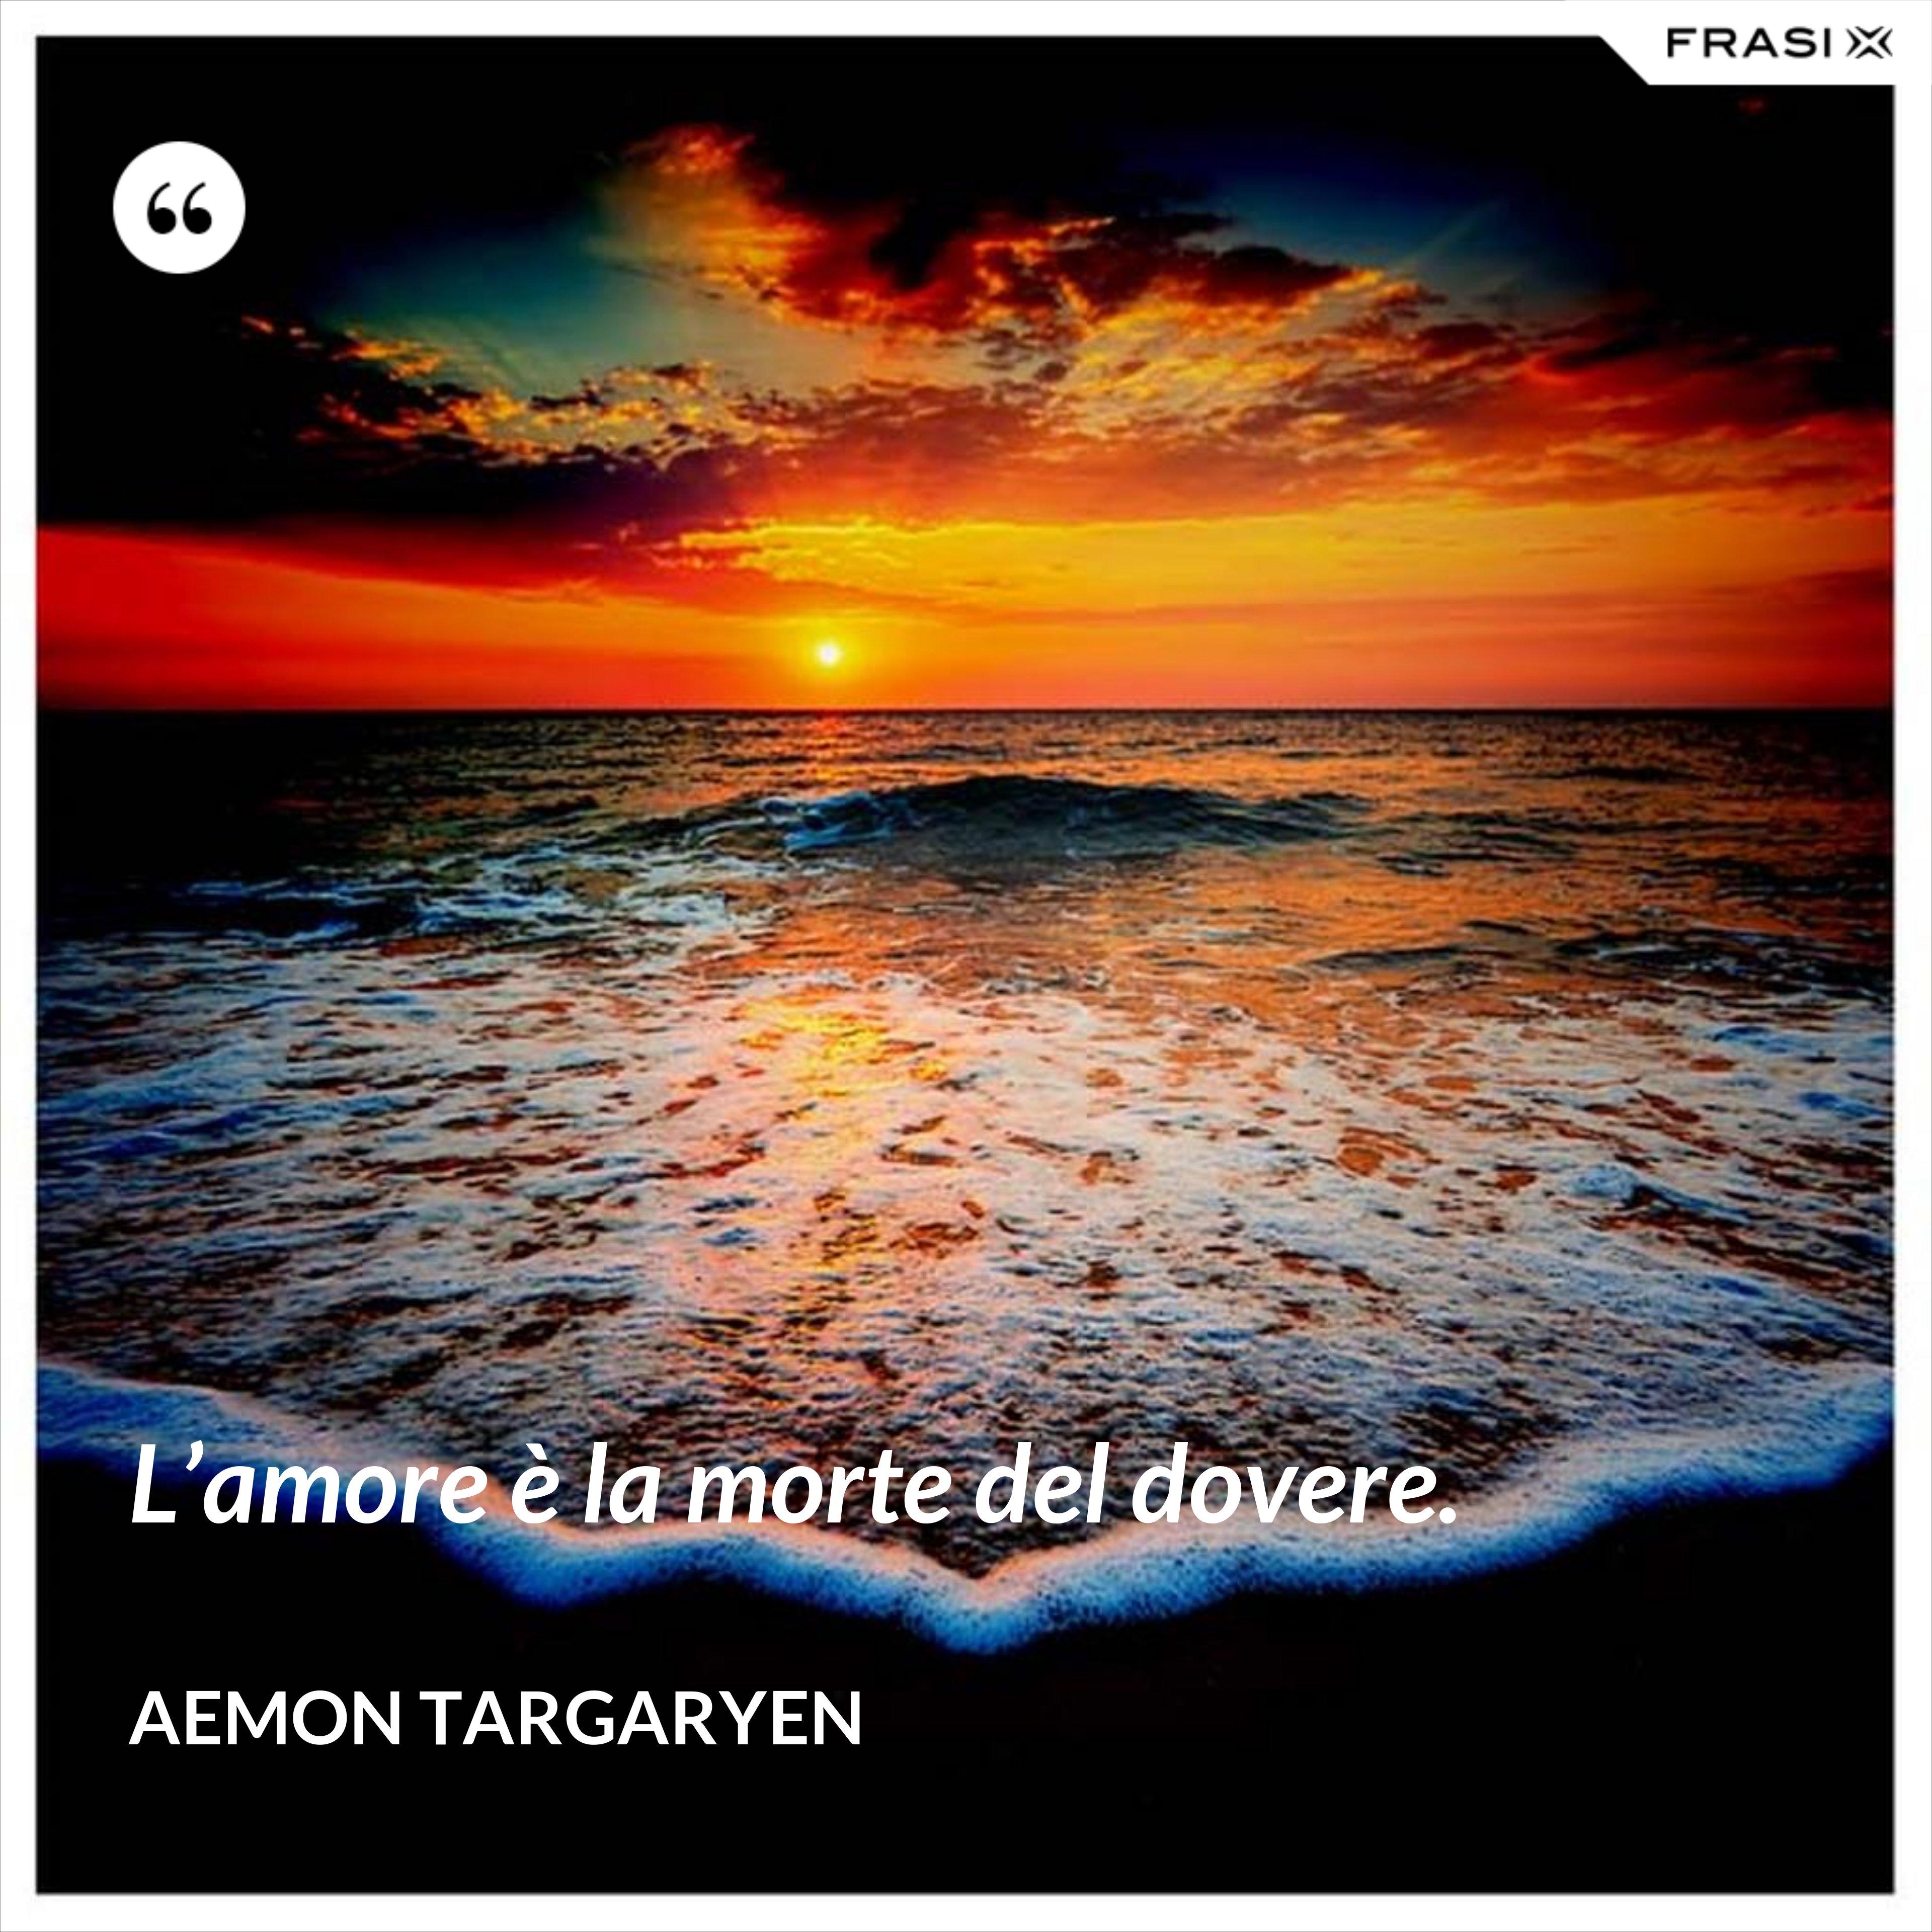 L'amore è la morte del dovere. - Aemon Targaryen